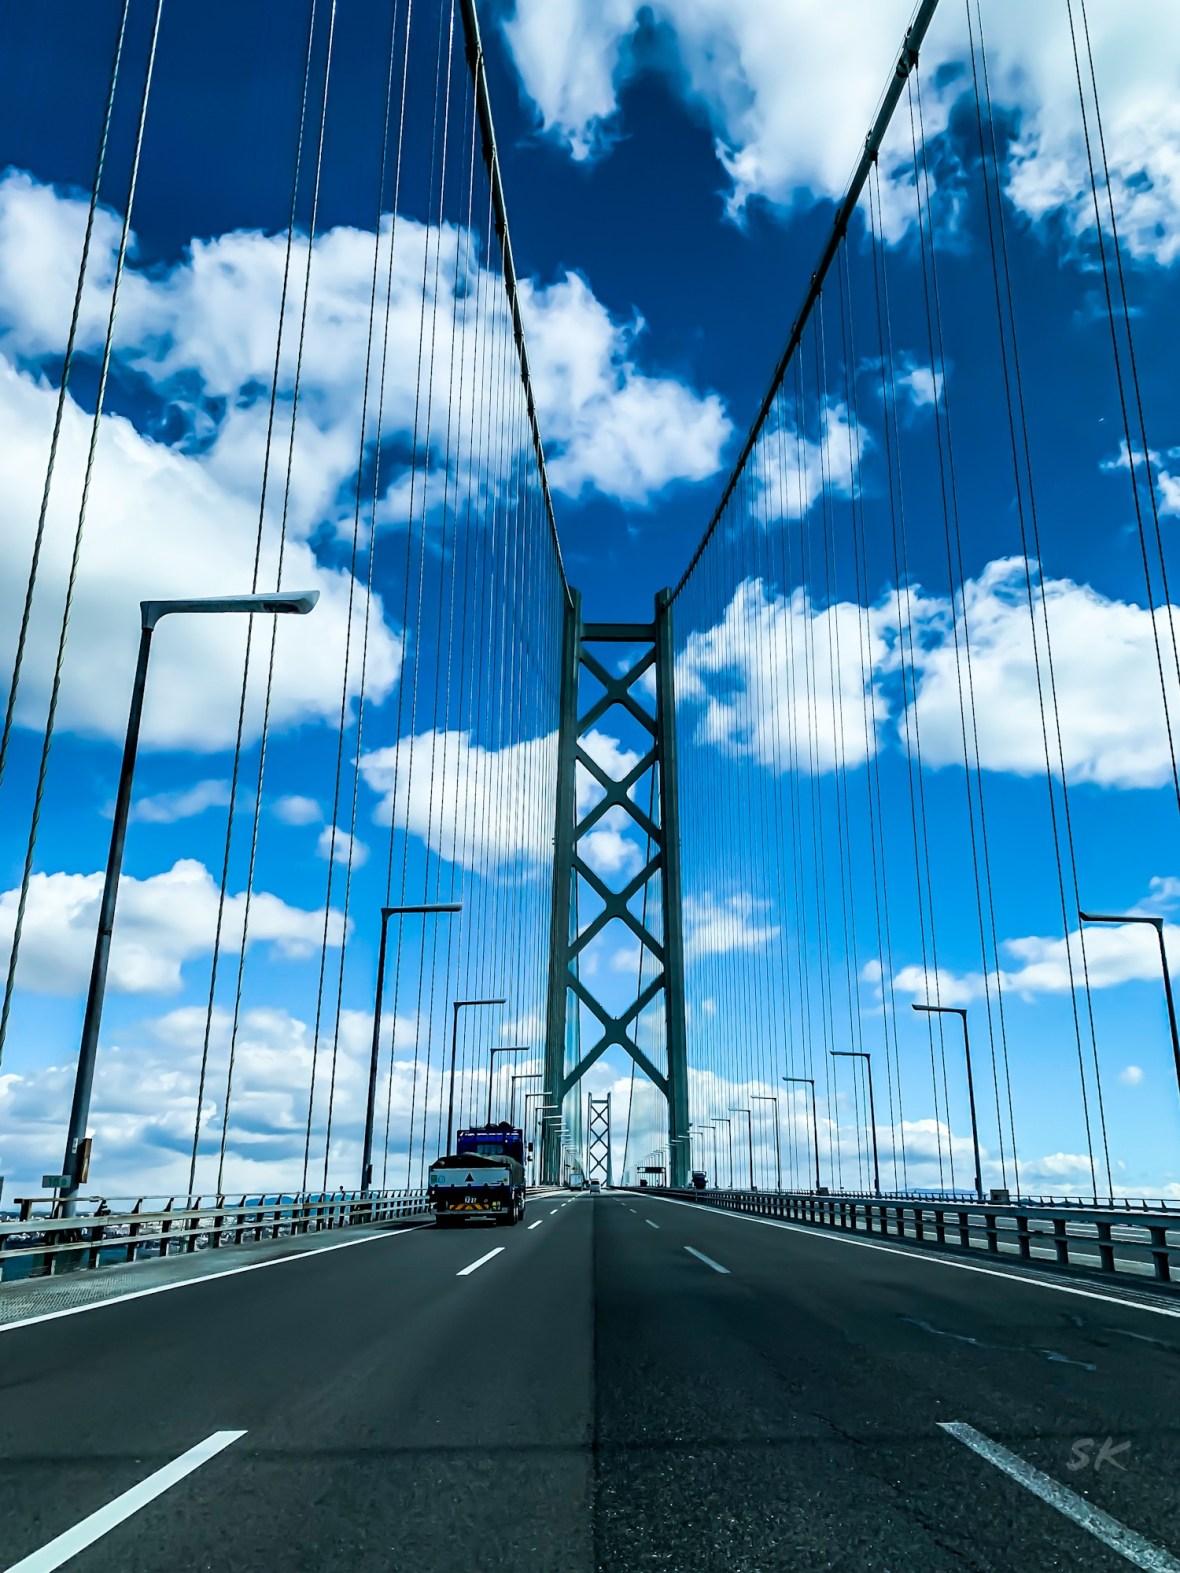 世界一長い吊り橋、明石海峡大橋を渡り大阪へ。そして淡路島に帰る。